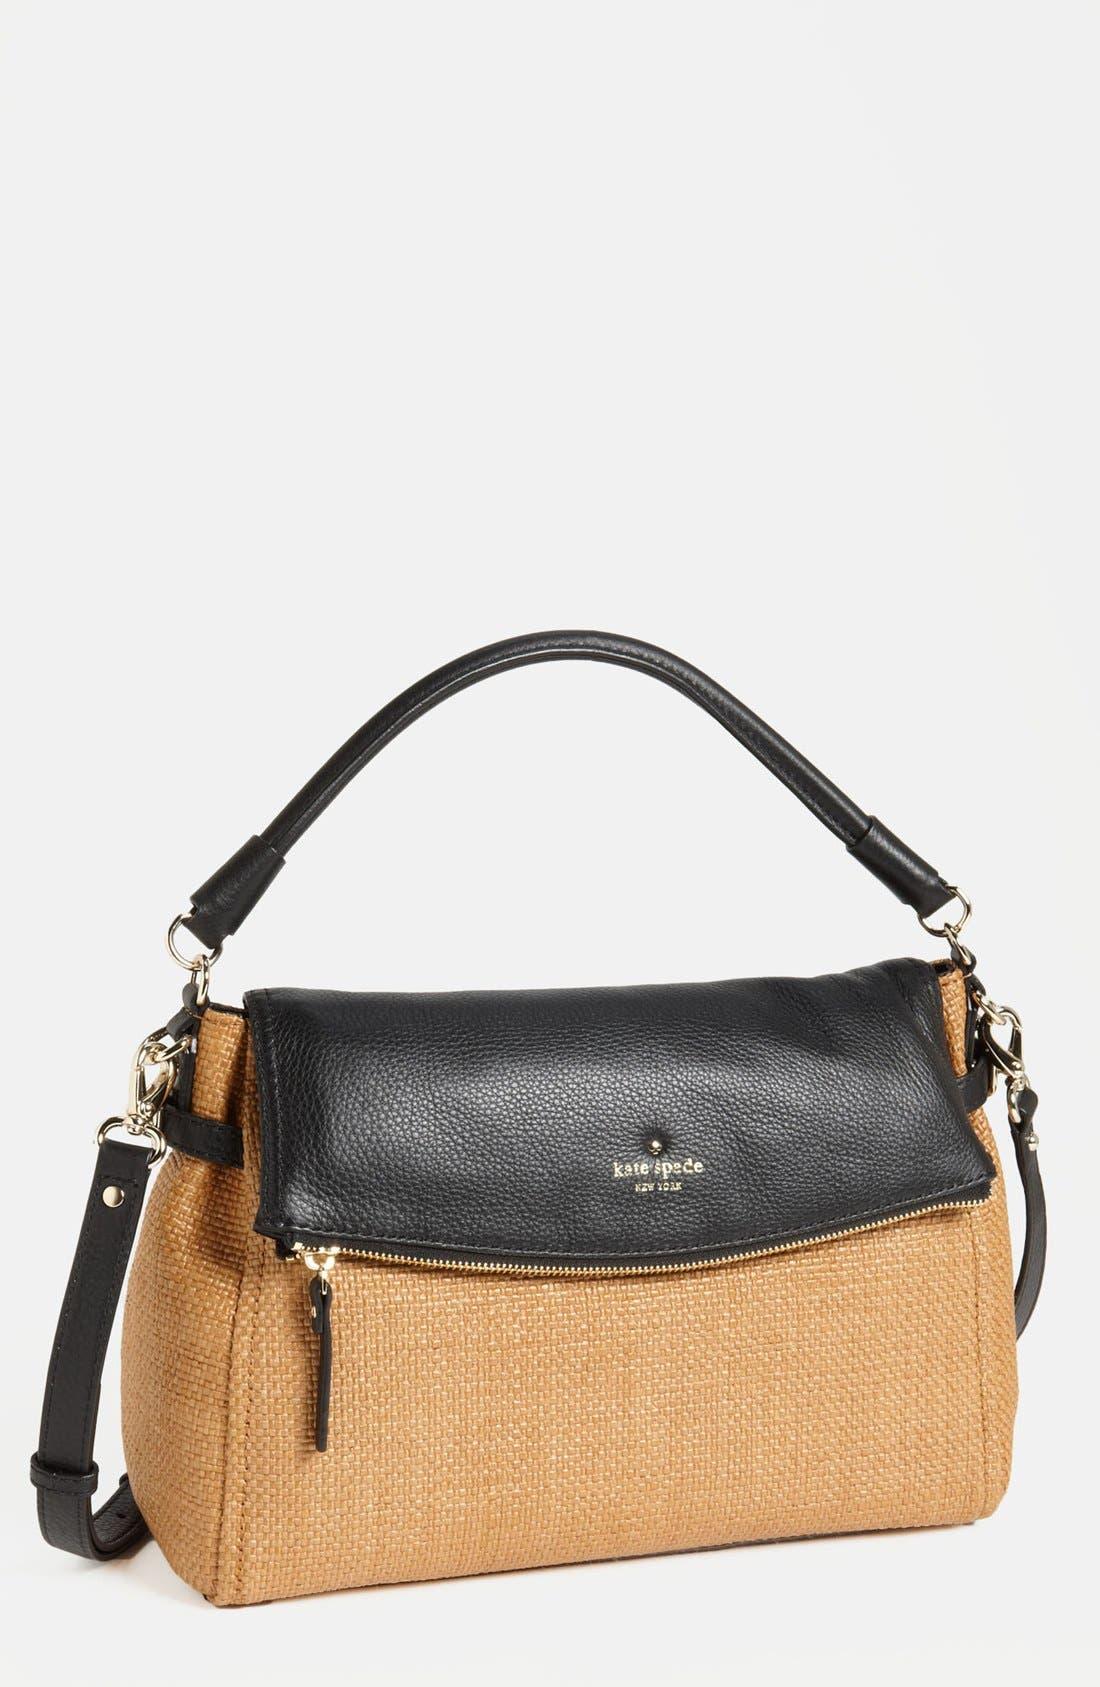 Alternate Image 1 Selected - kate spade new york 'cobble hill - little minka' straw foldover bag